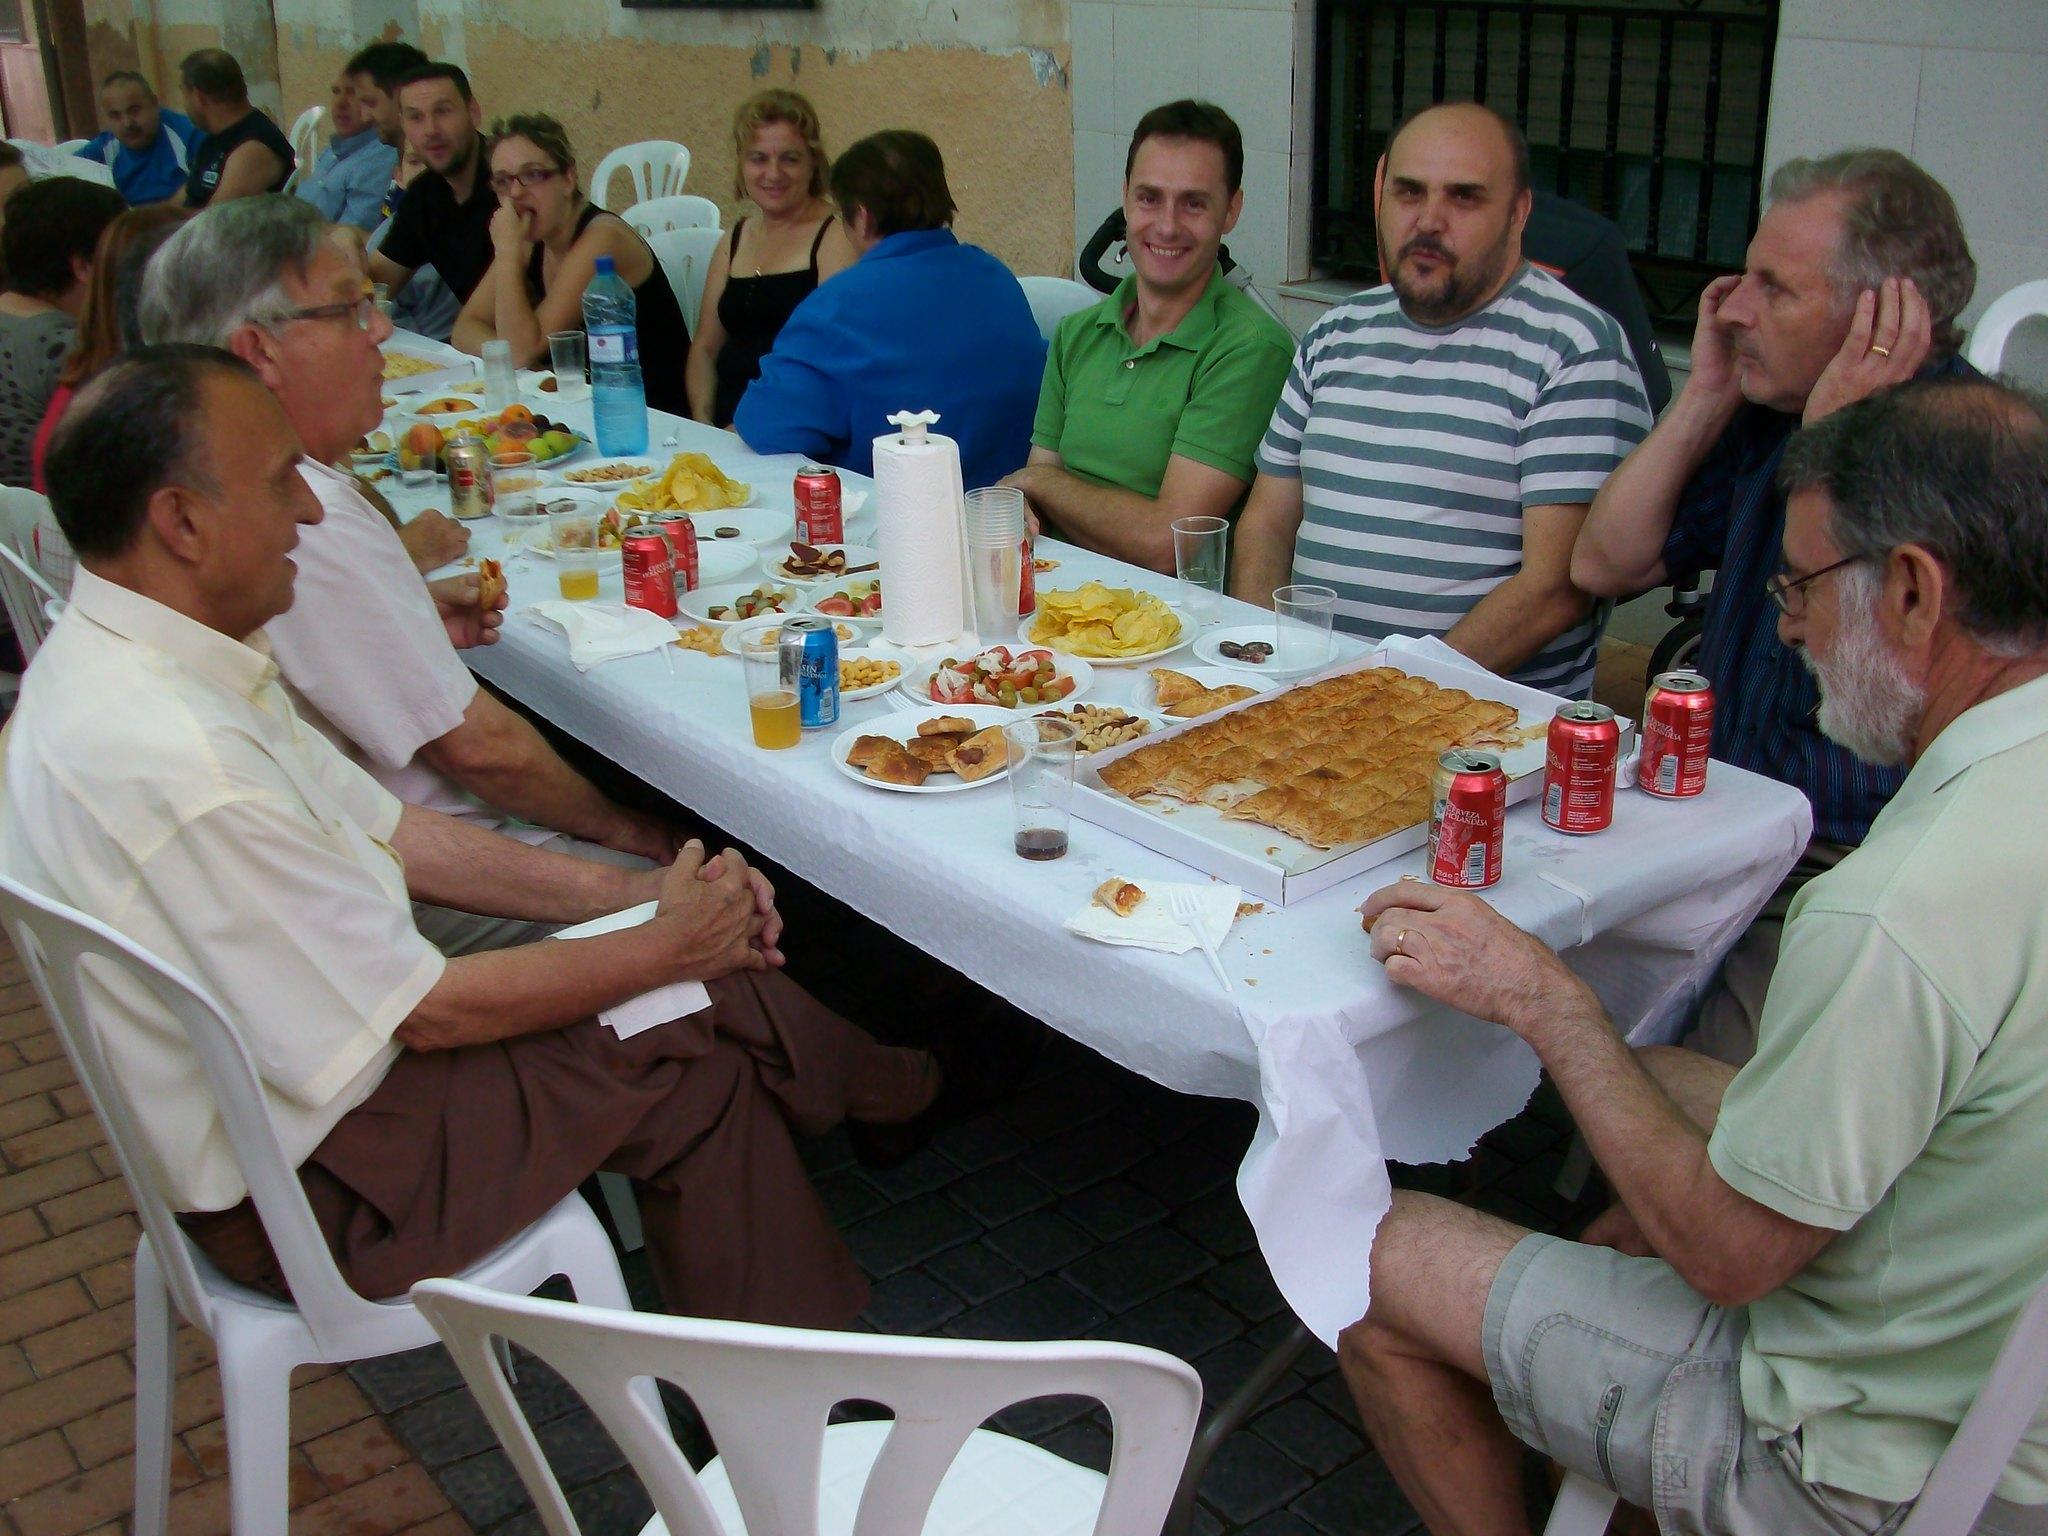 (2011-07-03) Almuerzo calle Cristo - José Vicente Romero Ripoll (07)